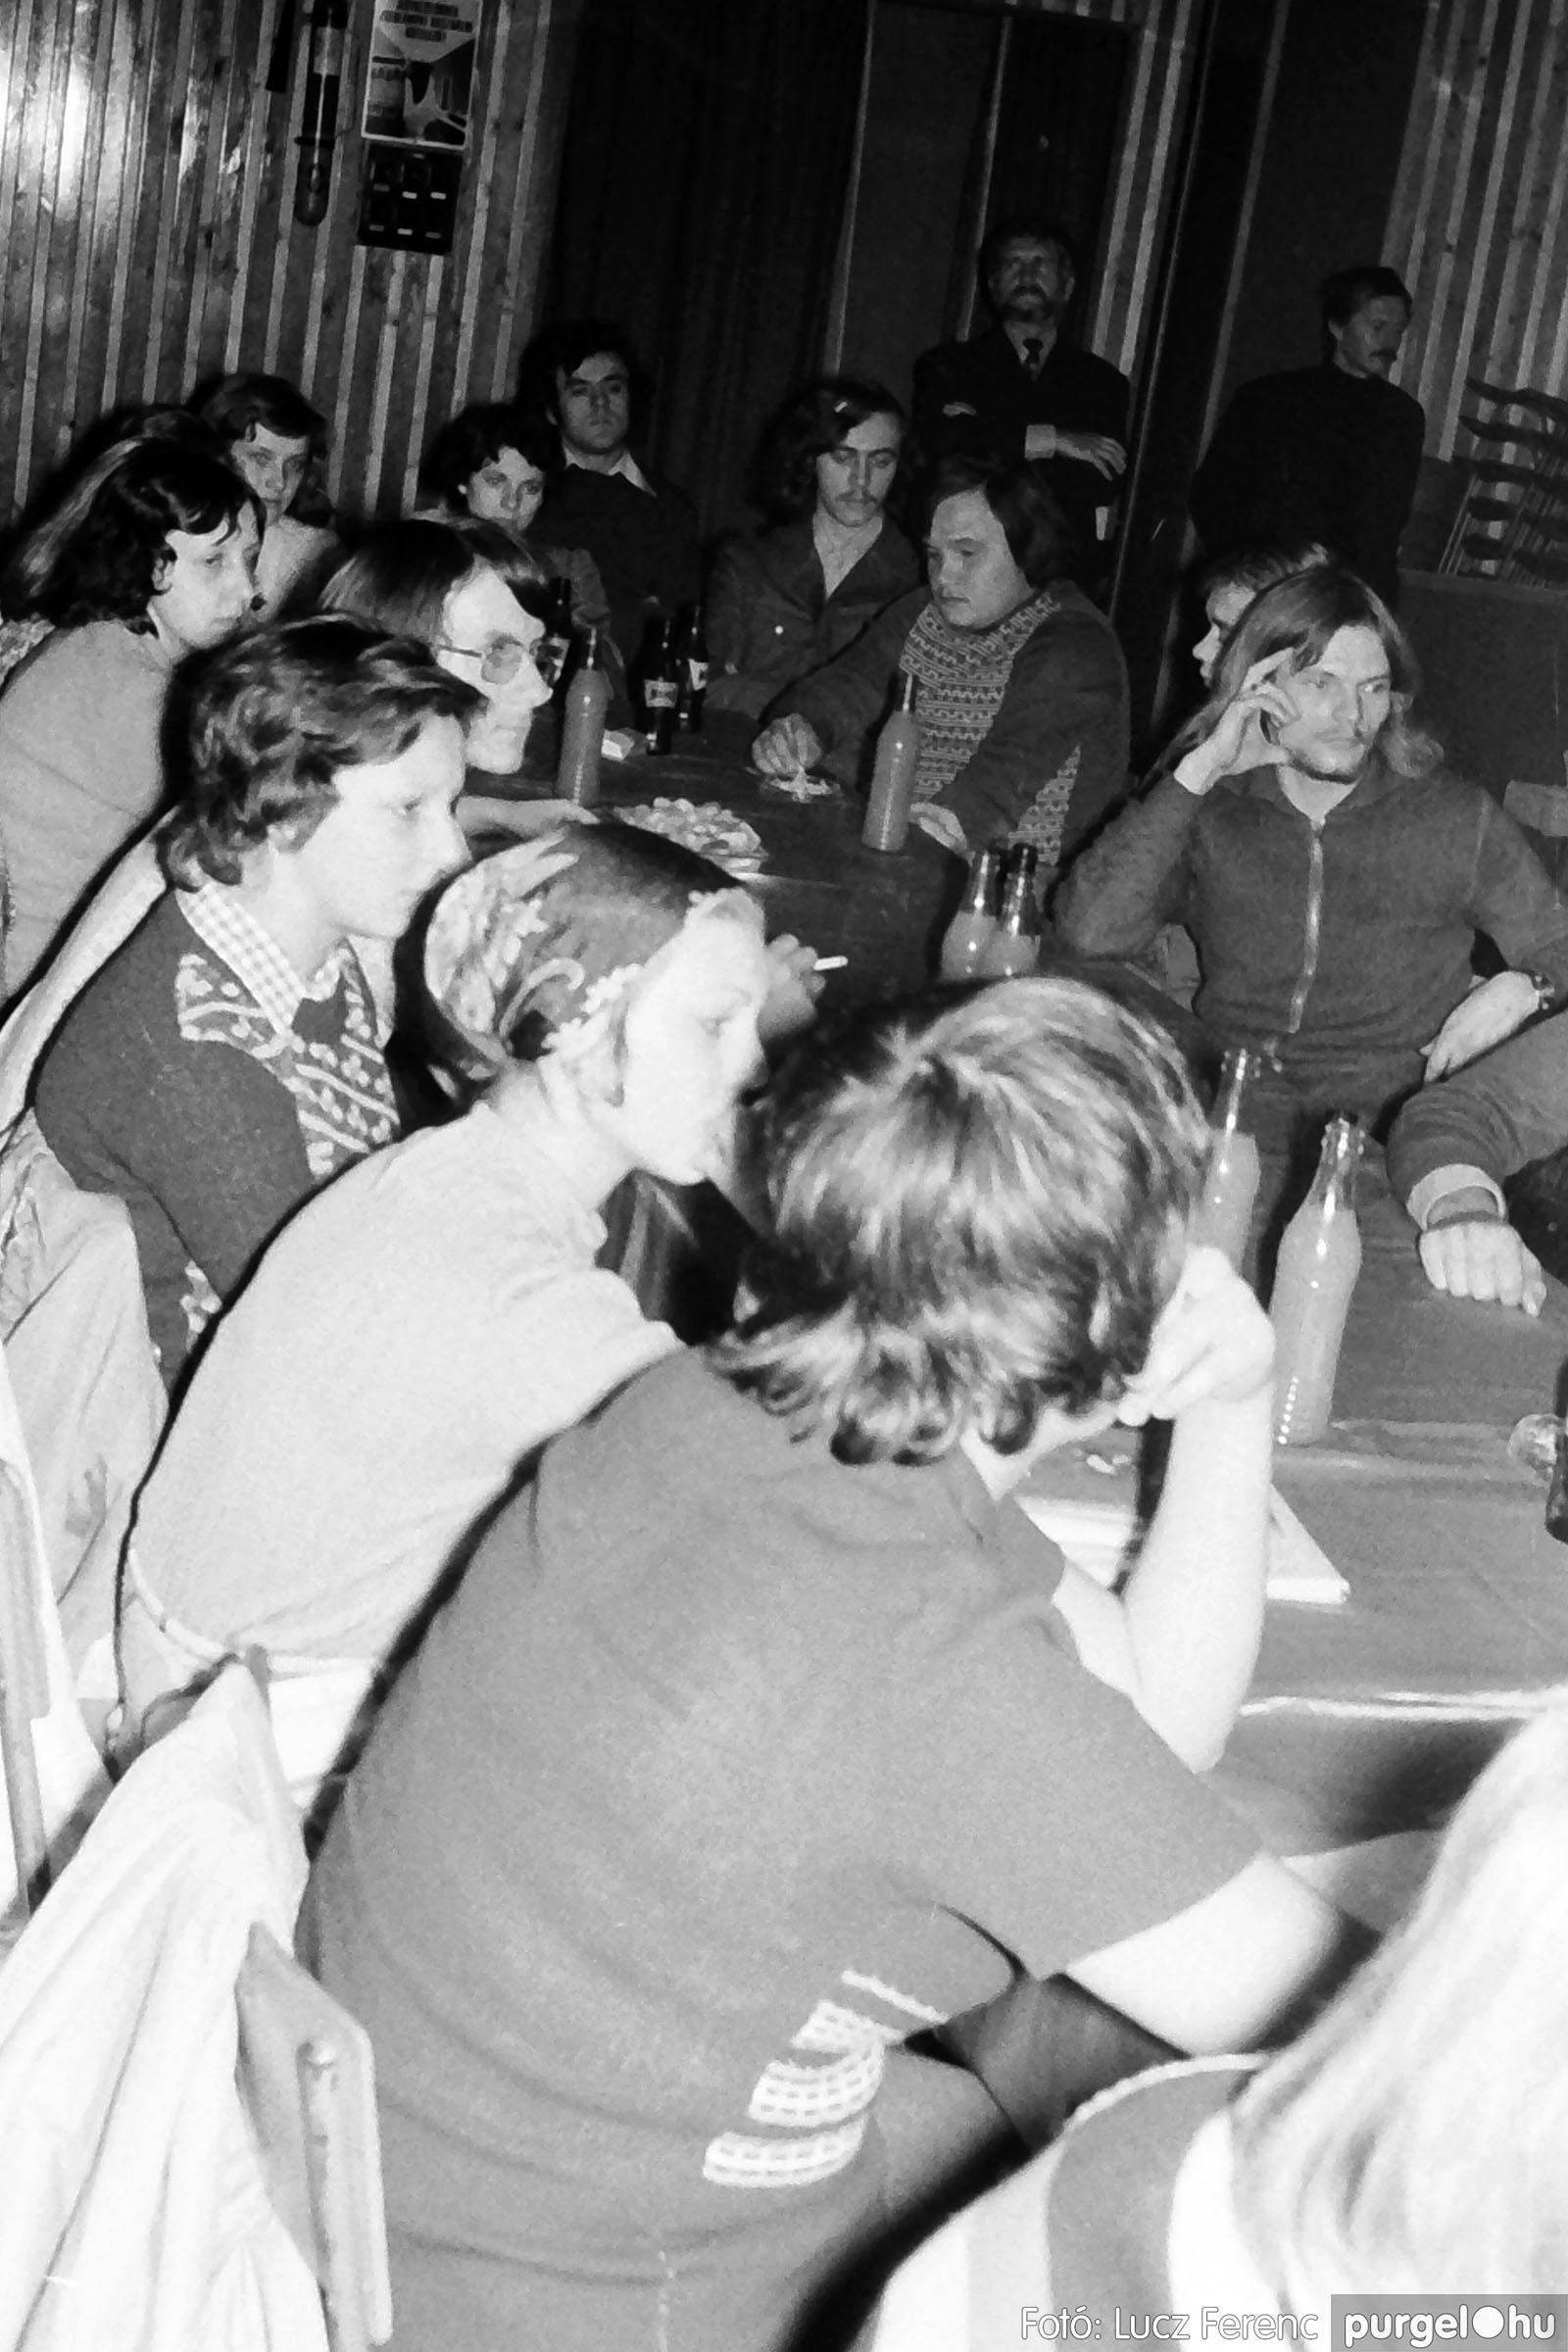 024 1975.10. Németh József és Szalay Ferenc festőművészek kiállítása 023 - Fotó: Lucz Ferenc IMG00224q.jpg